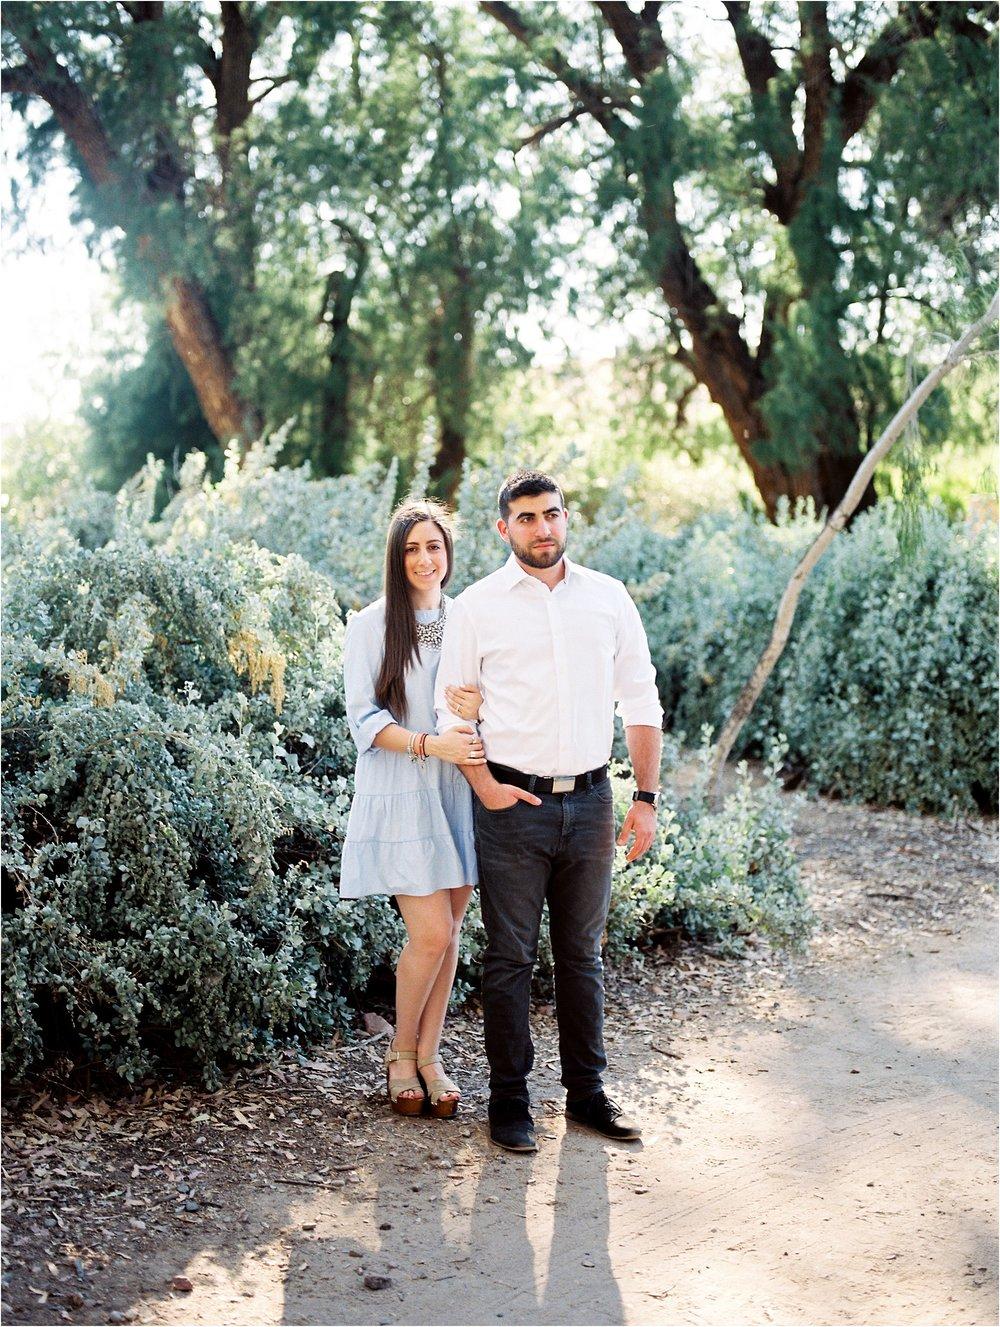 Sarah Jane Photography Film Hybrid Scottsdale Phoenix Arizona Destination Wedding Photographer Denise and Chase Engagement_0020.jpg